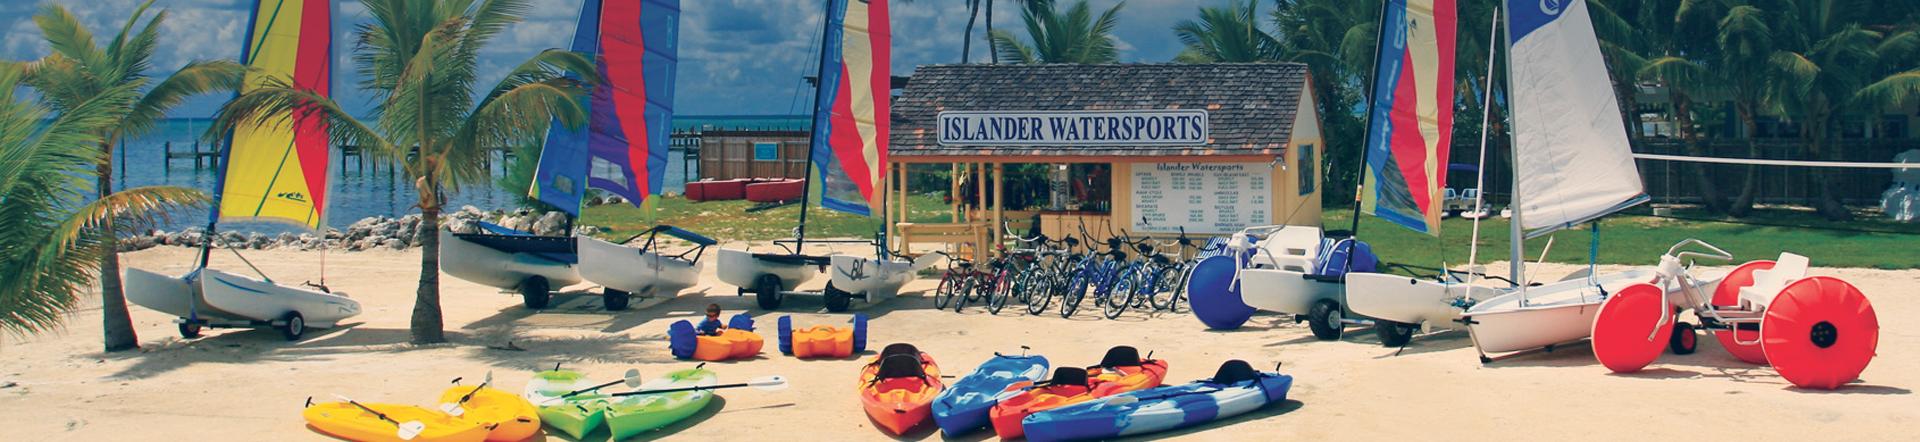 islander-watersport-header